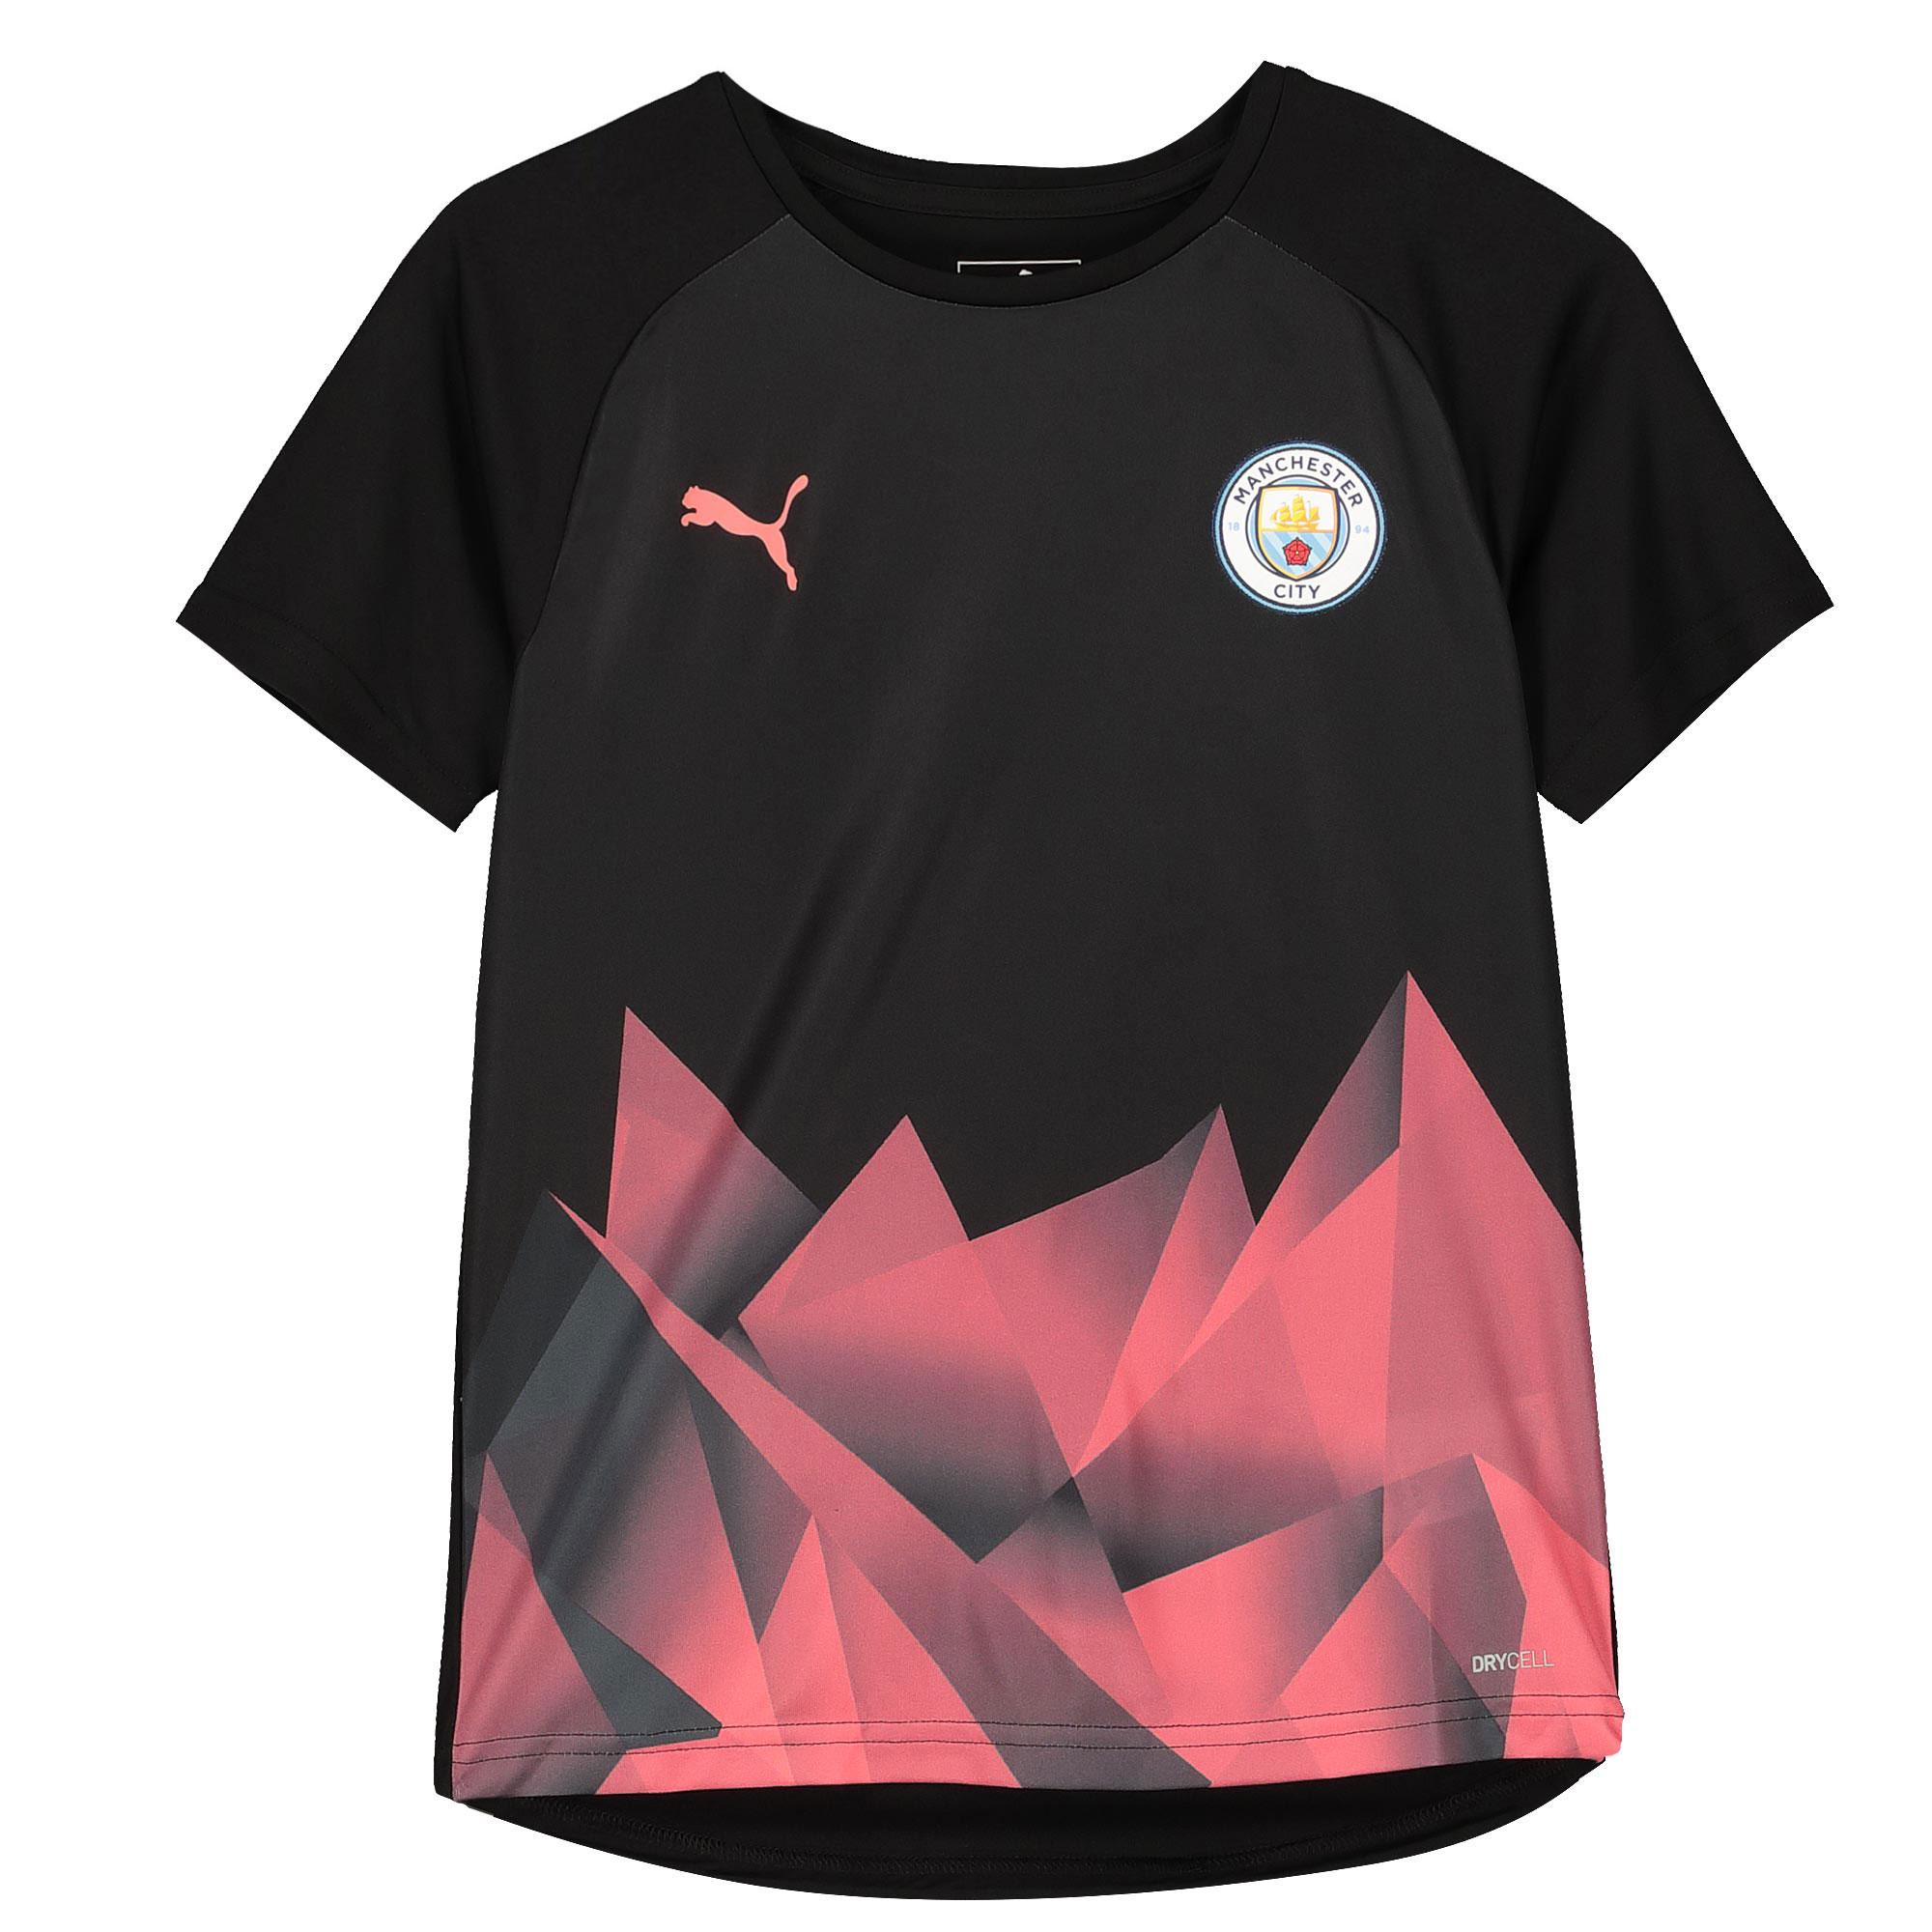 Jersey con el estadio del Manchester City - negro - niño